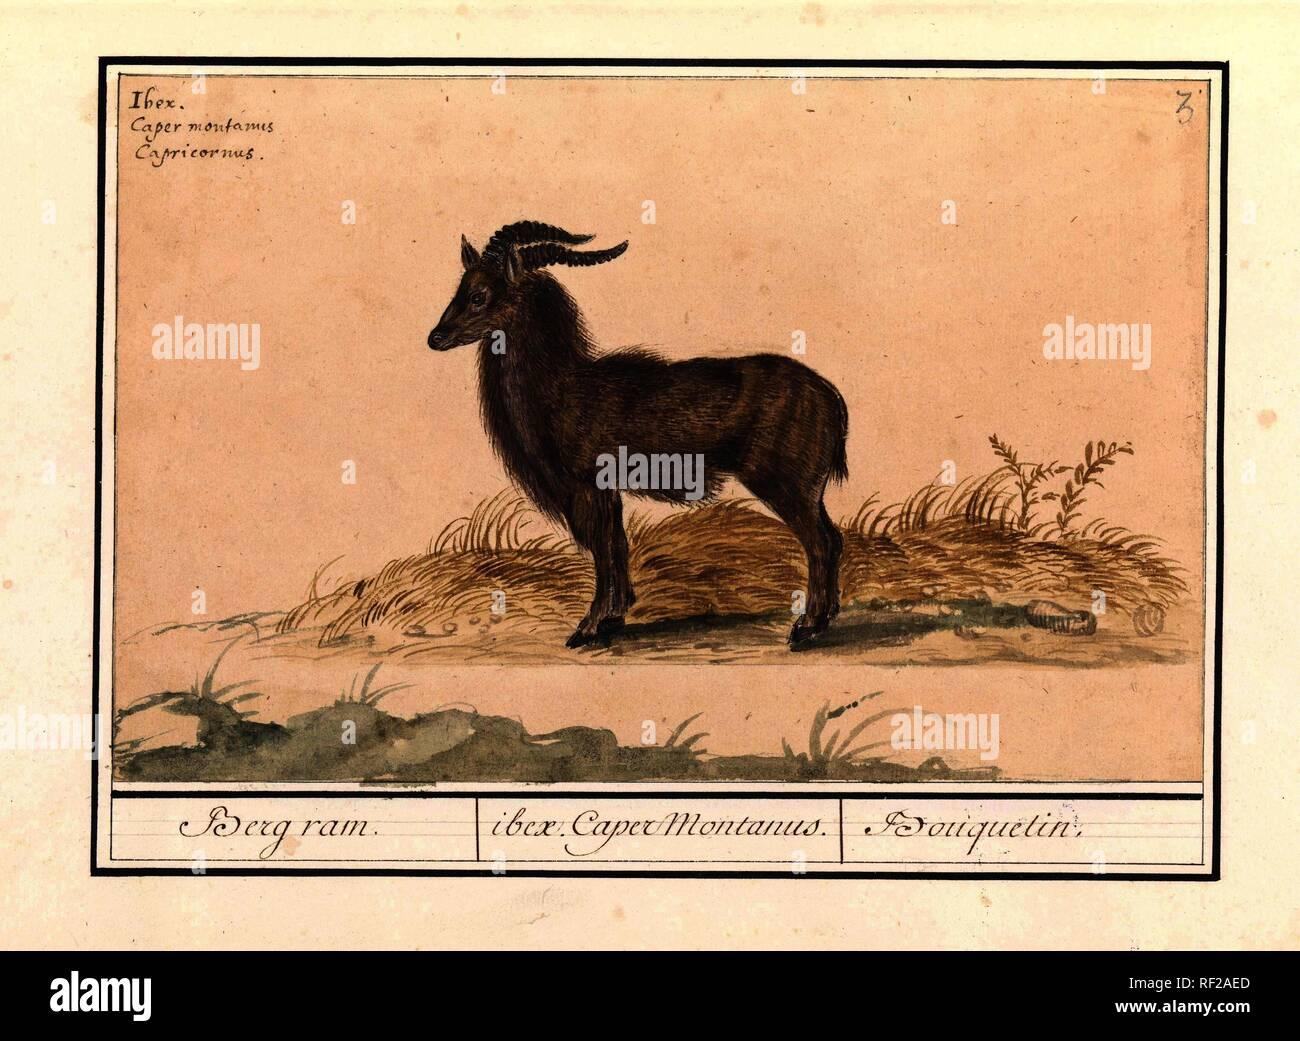 RAM dating Steenbok